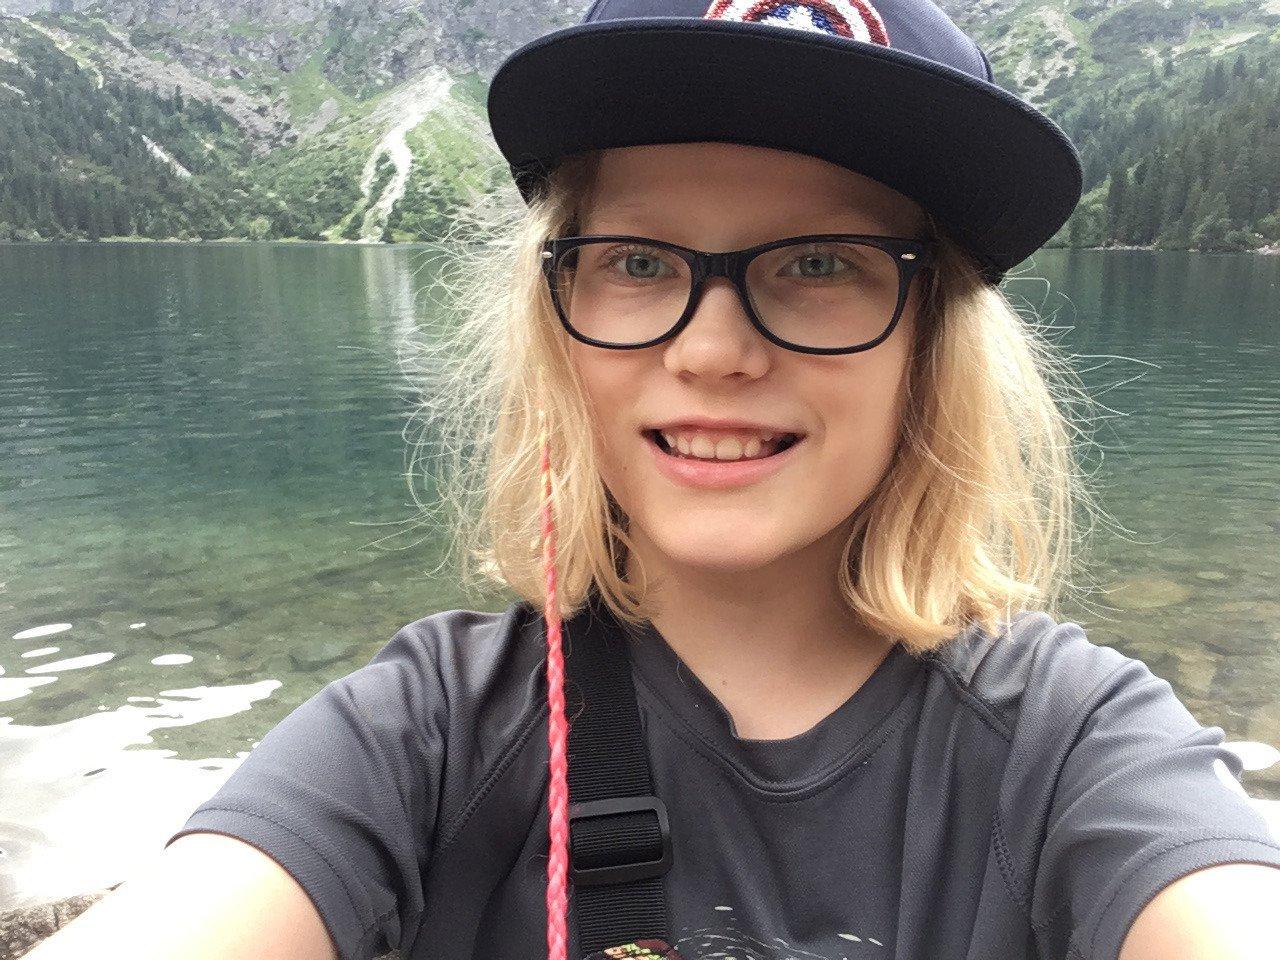 Pośród 38 milionów potencjalnych Dawców szpiku na świecie NIE MA ani jednego zgodnego Dawcy dla 12-letniej Amelii! Mama chorej na białaczkę dziewczynki apeluje o rejestracje